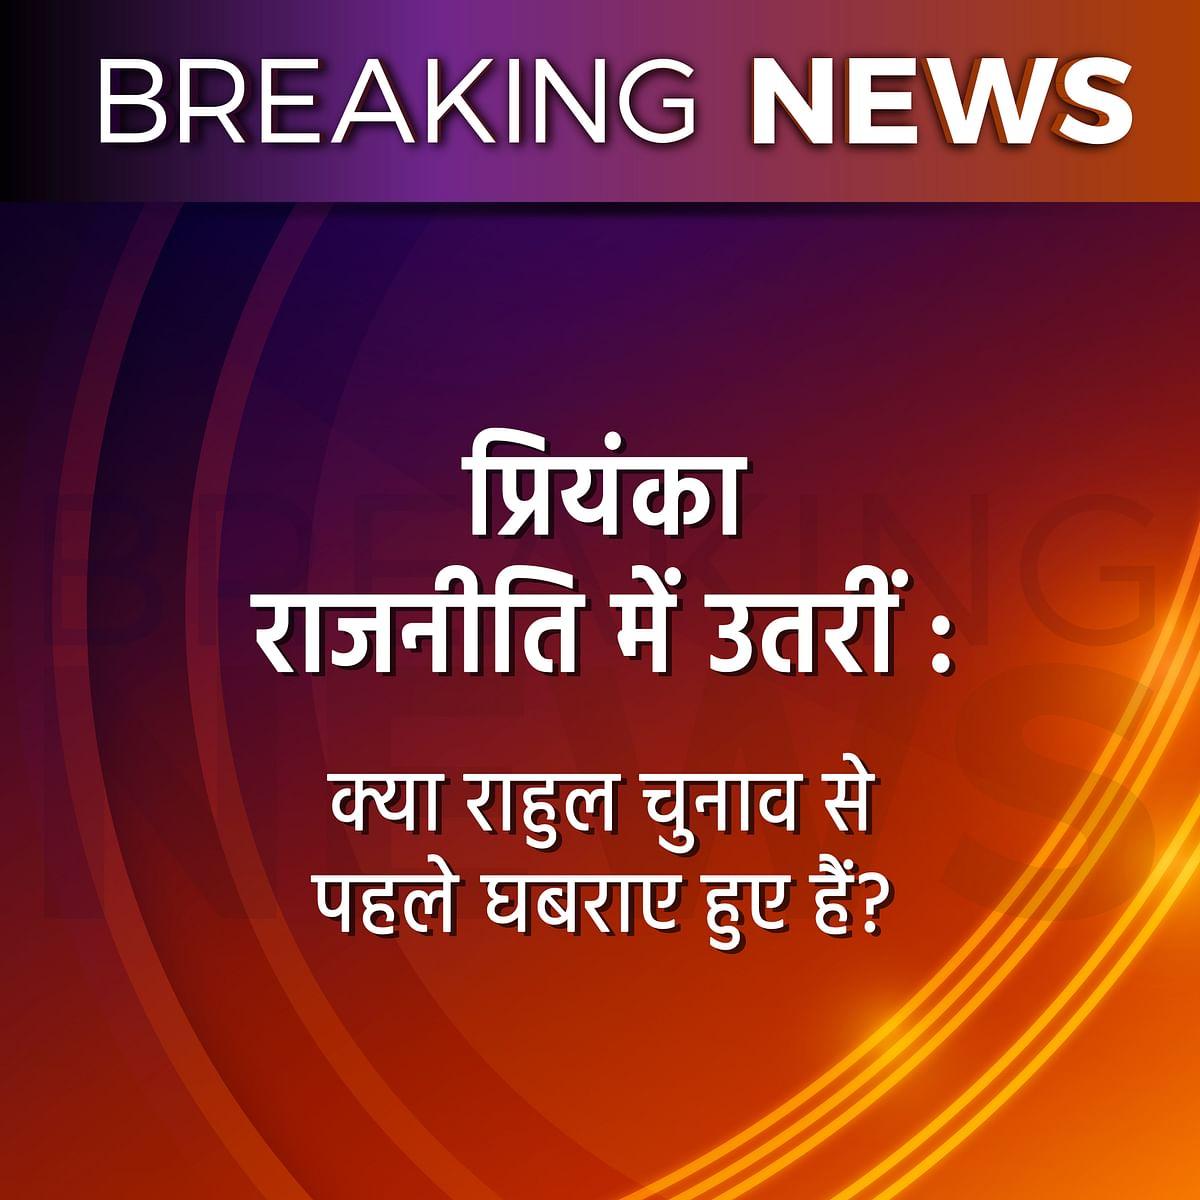 मोदी जी, आपके TV मित्र प्रियंका गांधी की एंट्री पर क्यों बौखला गए?